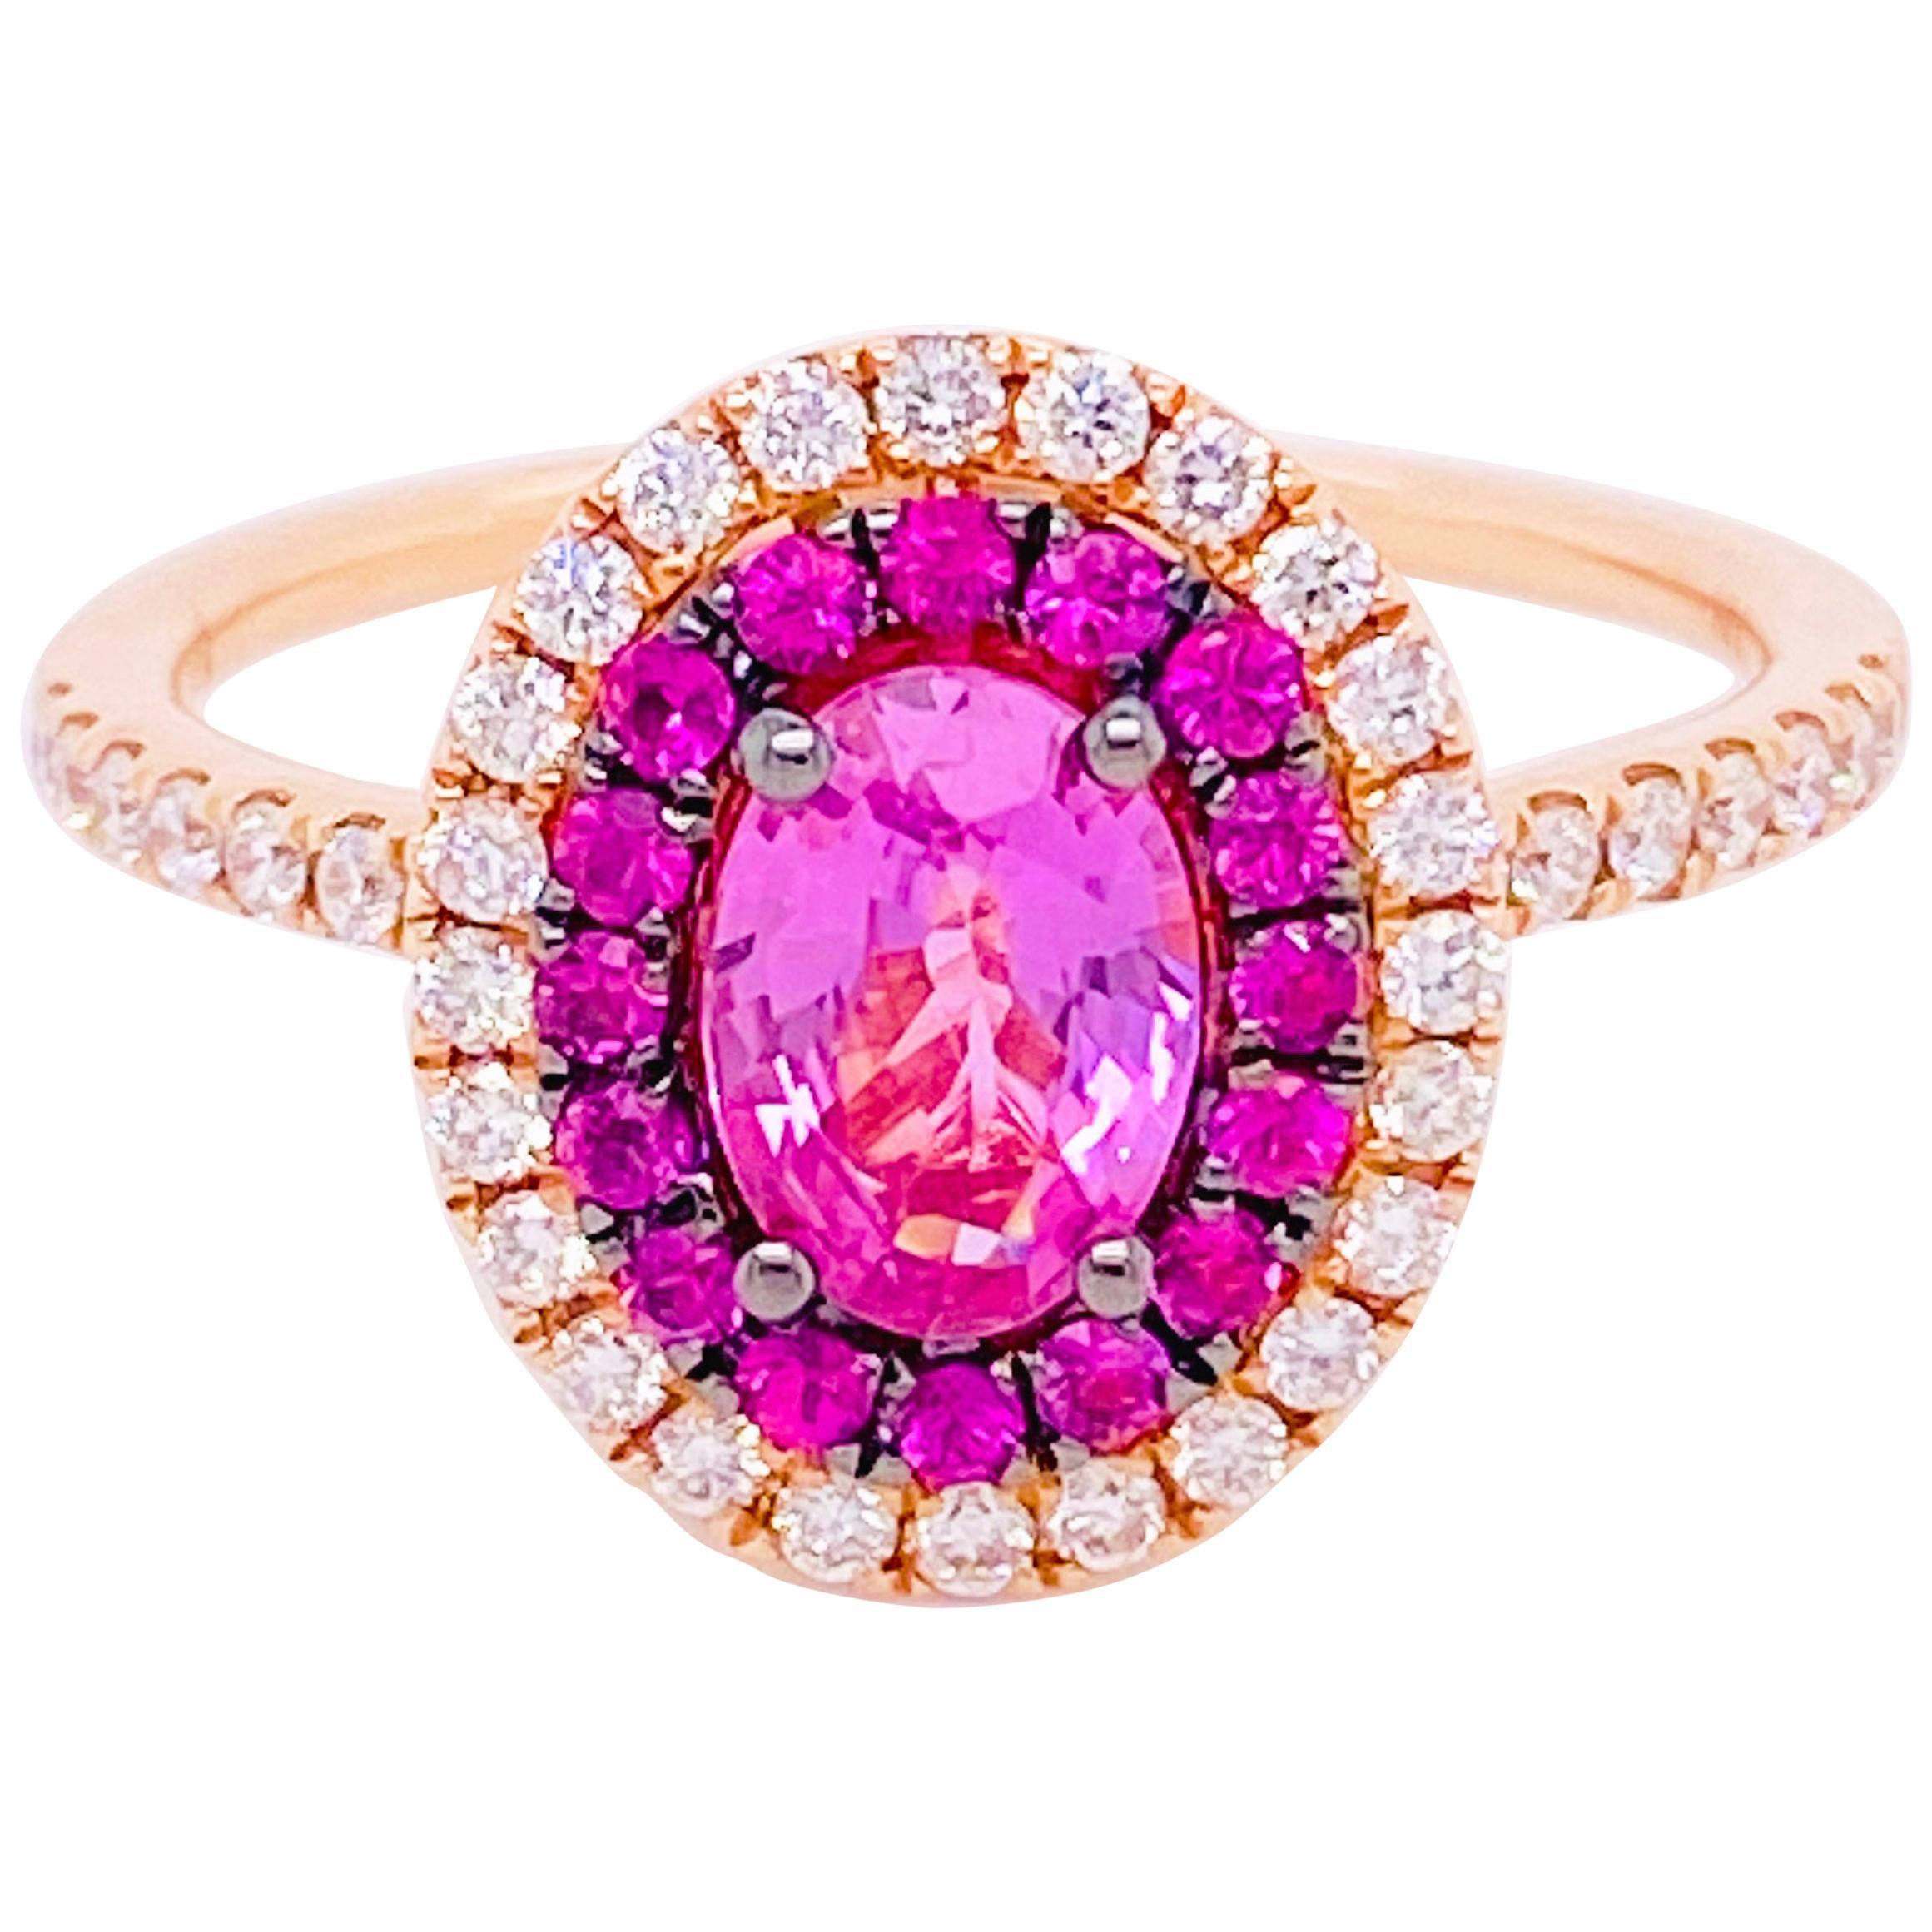 Pink Sapphire Diamond Ring, 14 Karat Rose Gold, Fashion, Halo, 1.22 Carat